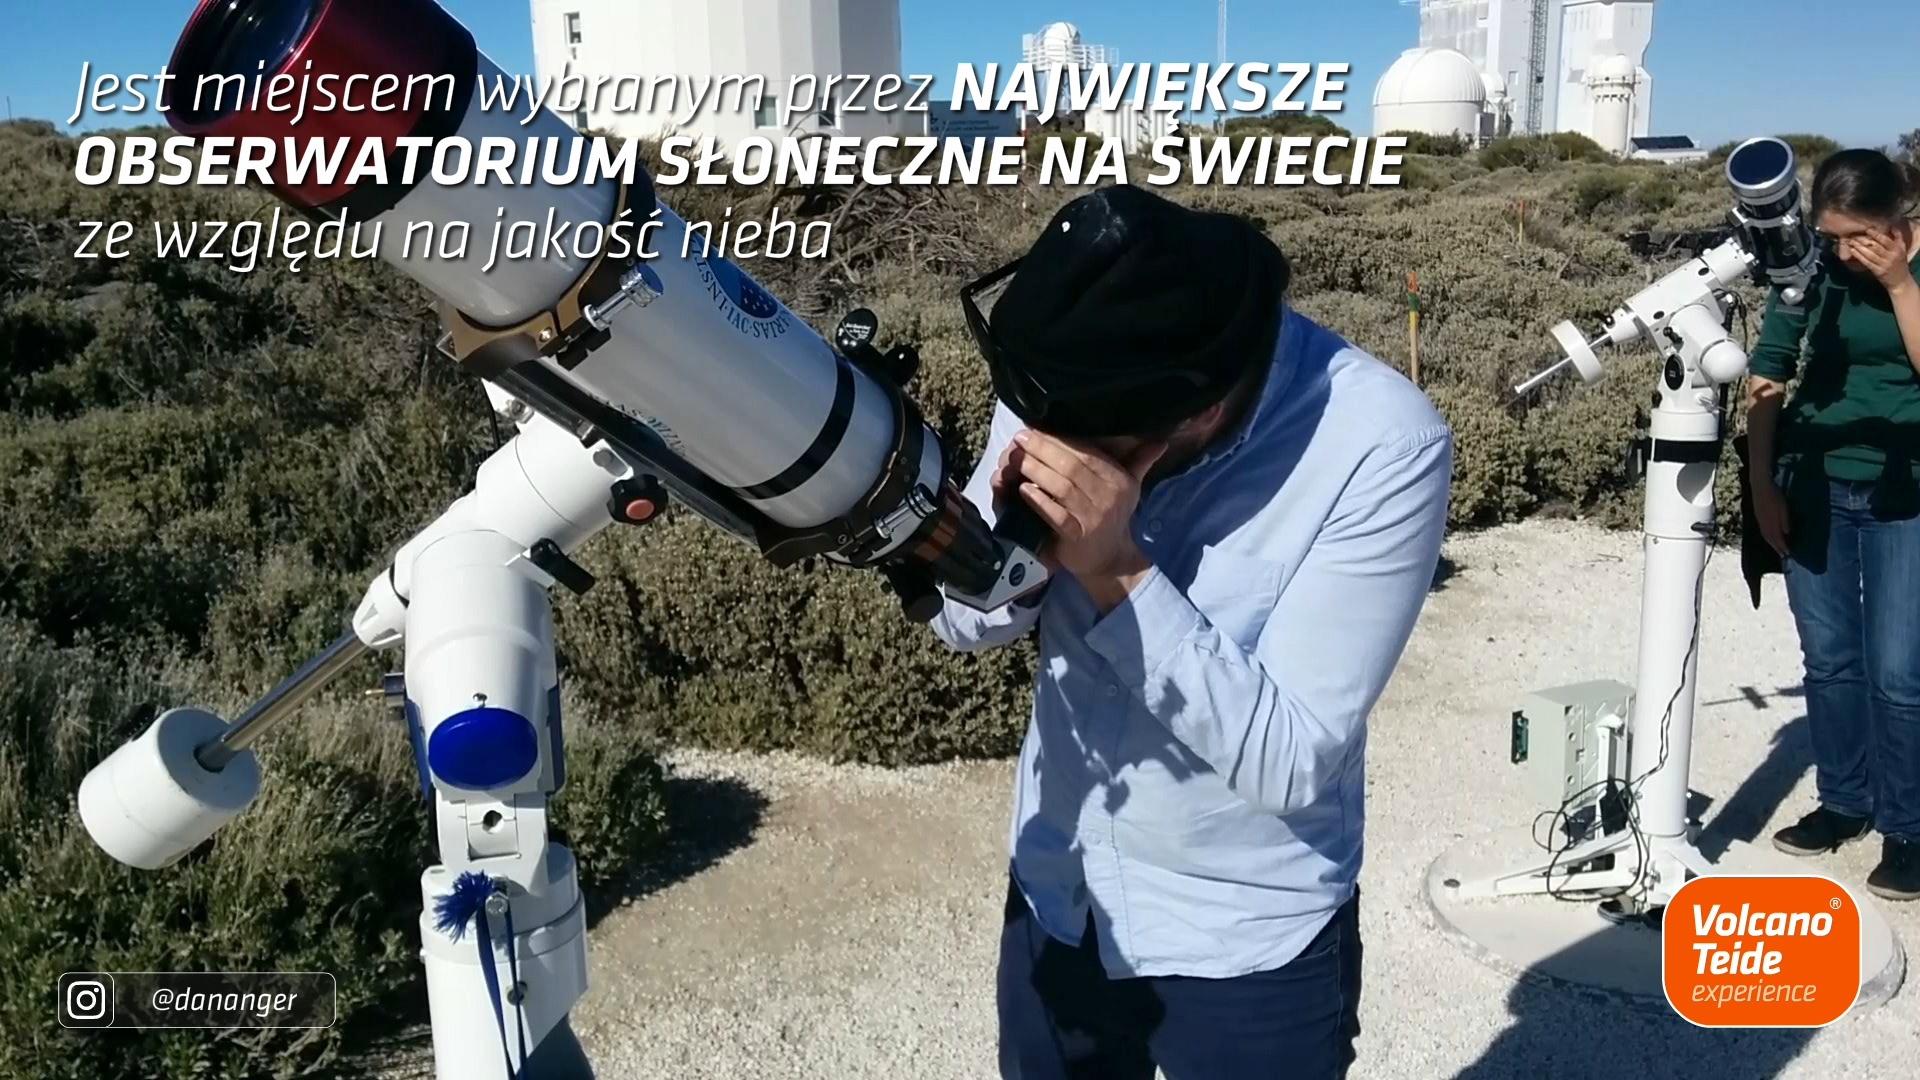 Jak można zwiedzić Obserwatorium na Teide?